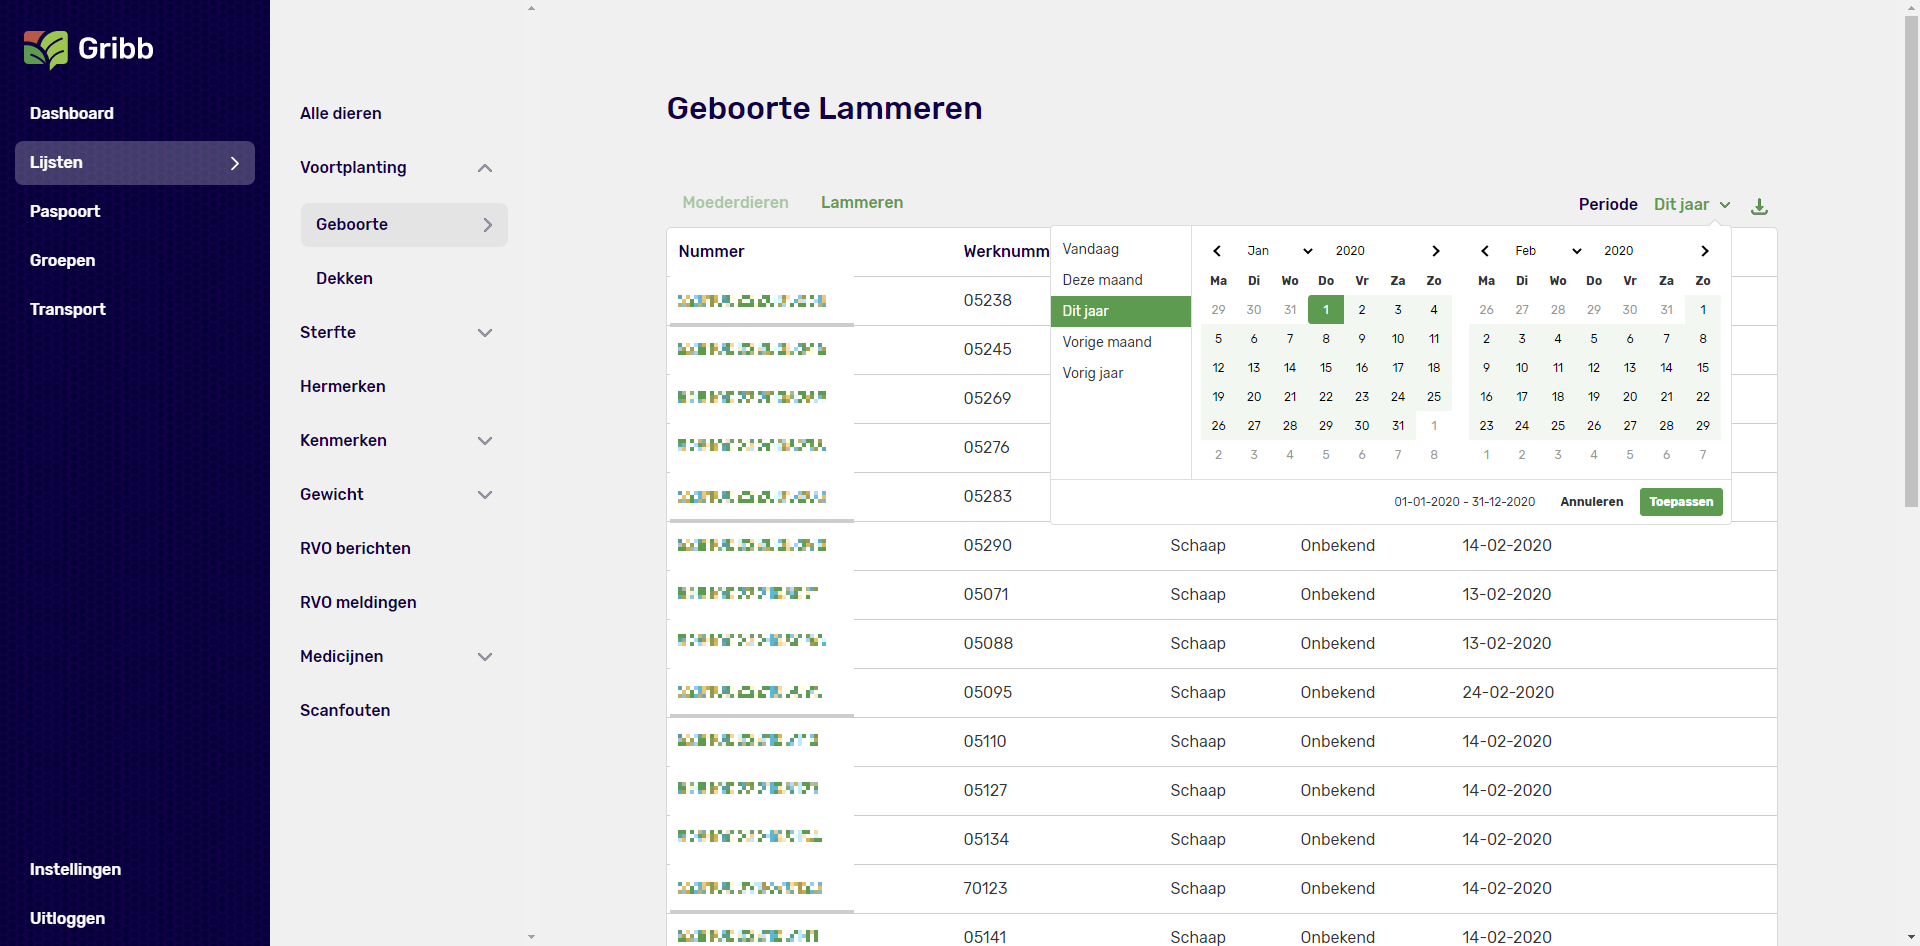 Lijsten_Geboorte lammeren.png